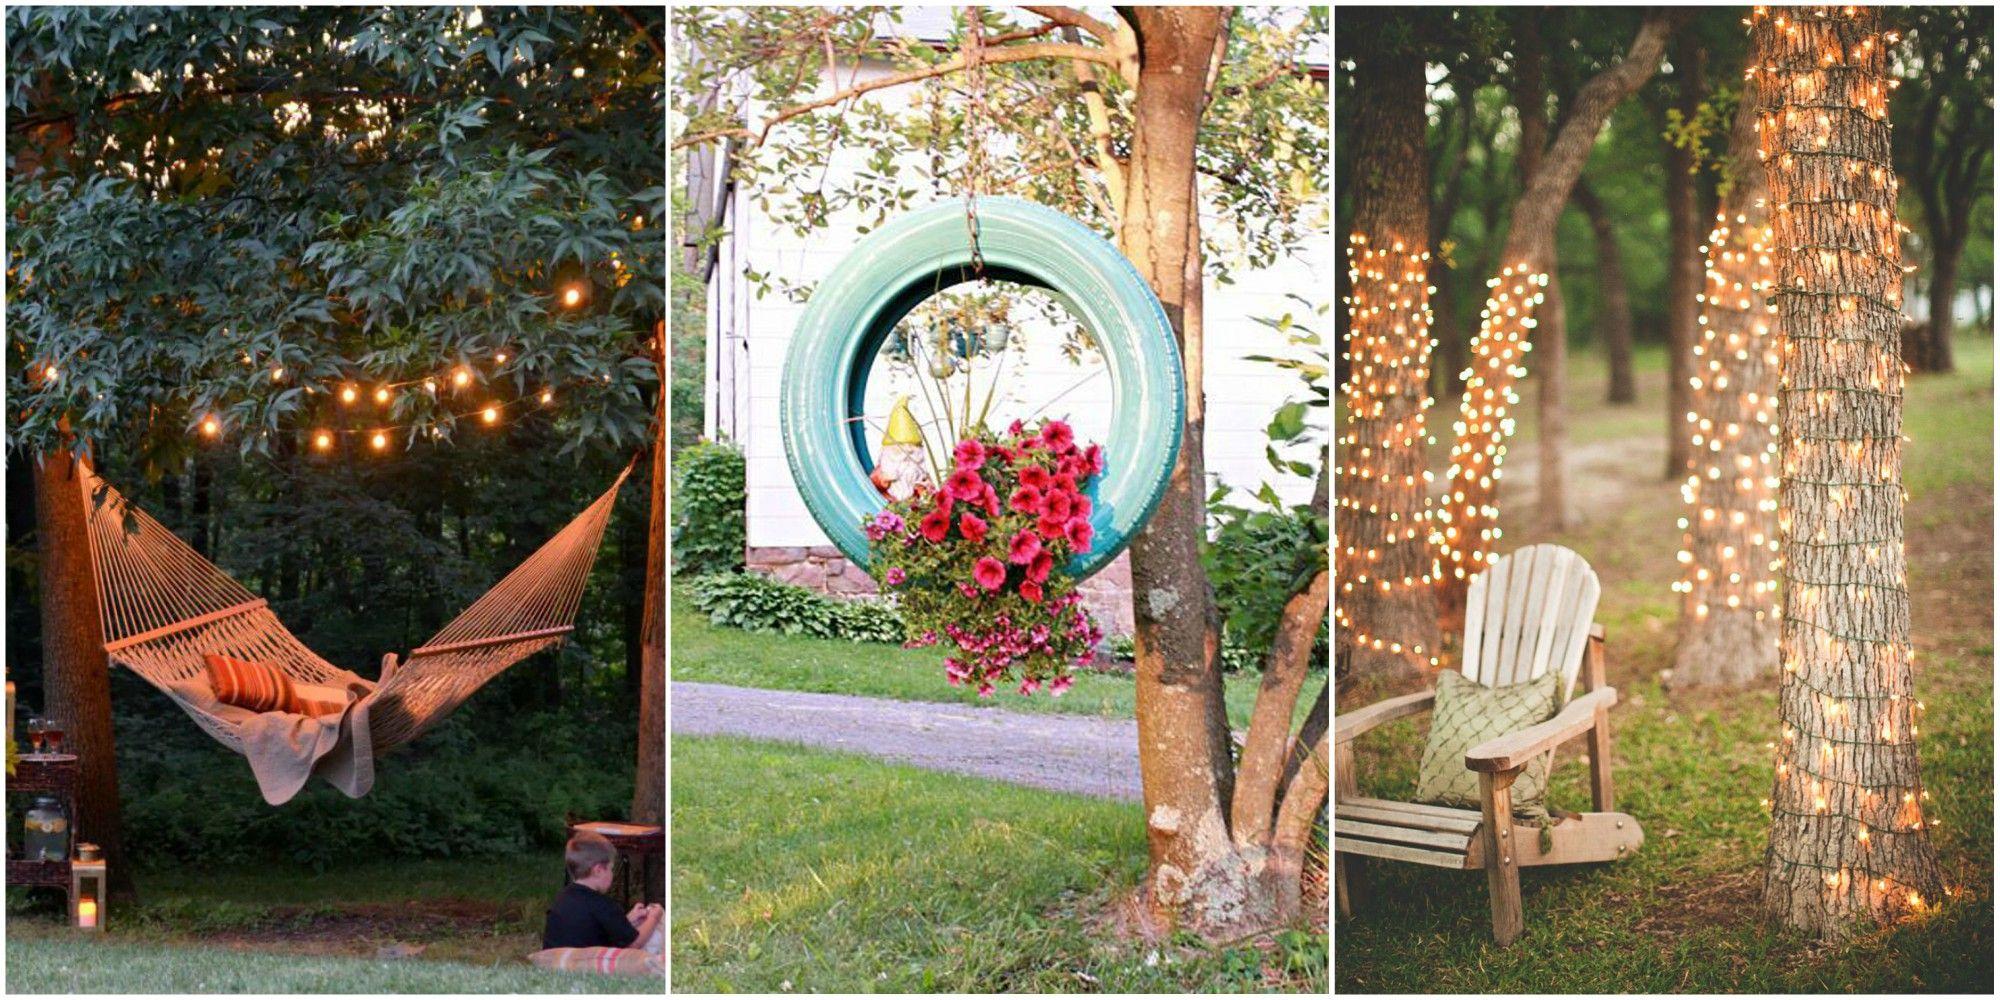 Country Living Magazine & 82 DIY Backyard Design Ideas - DIY Backyard Decor Tips